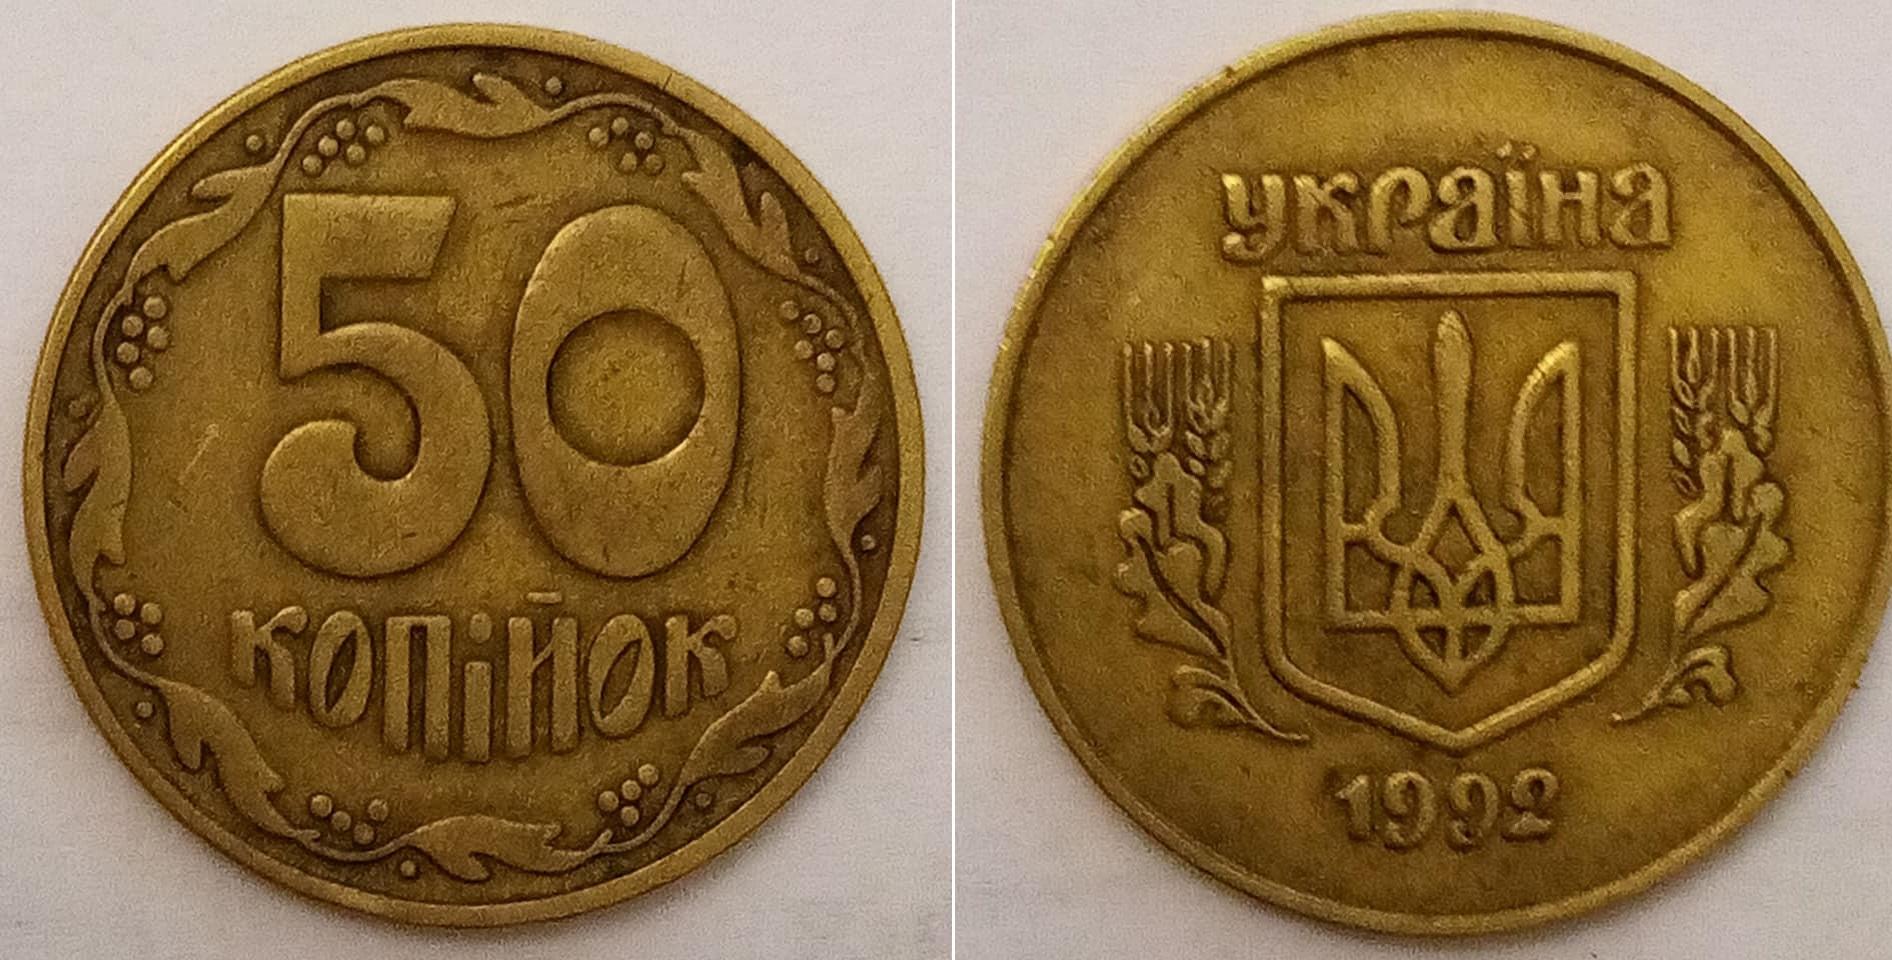 Мечта коллекционера! Украинец нашел редчайшую монету, которая стоит 10 тысяч (фото)